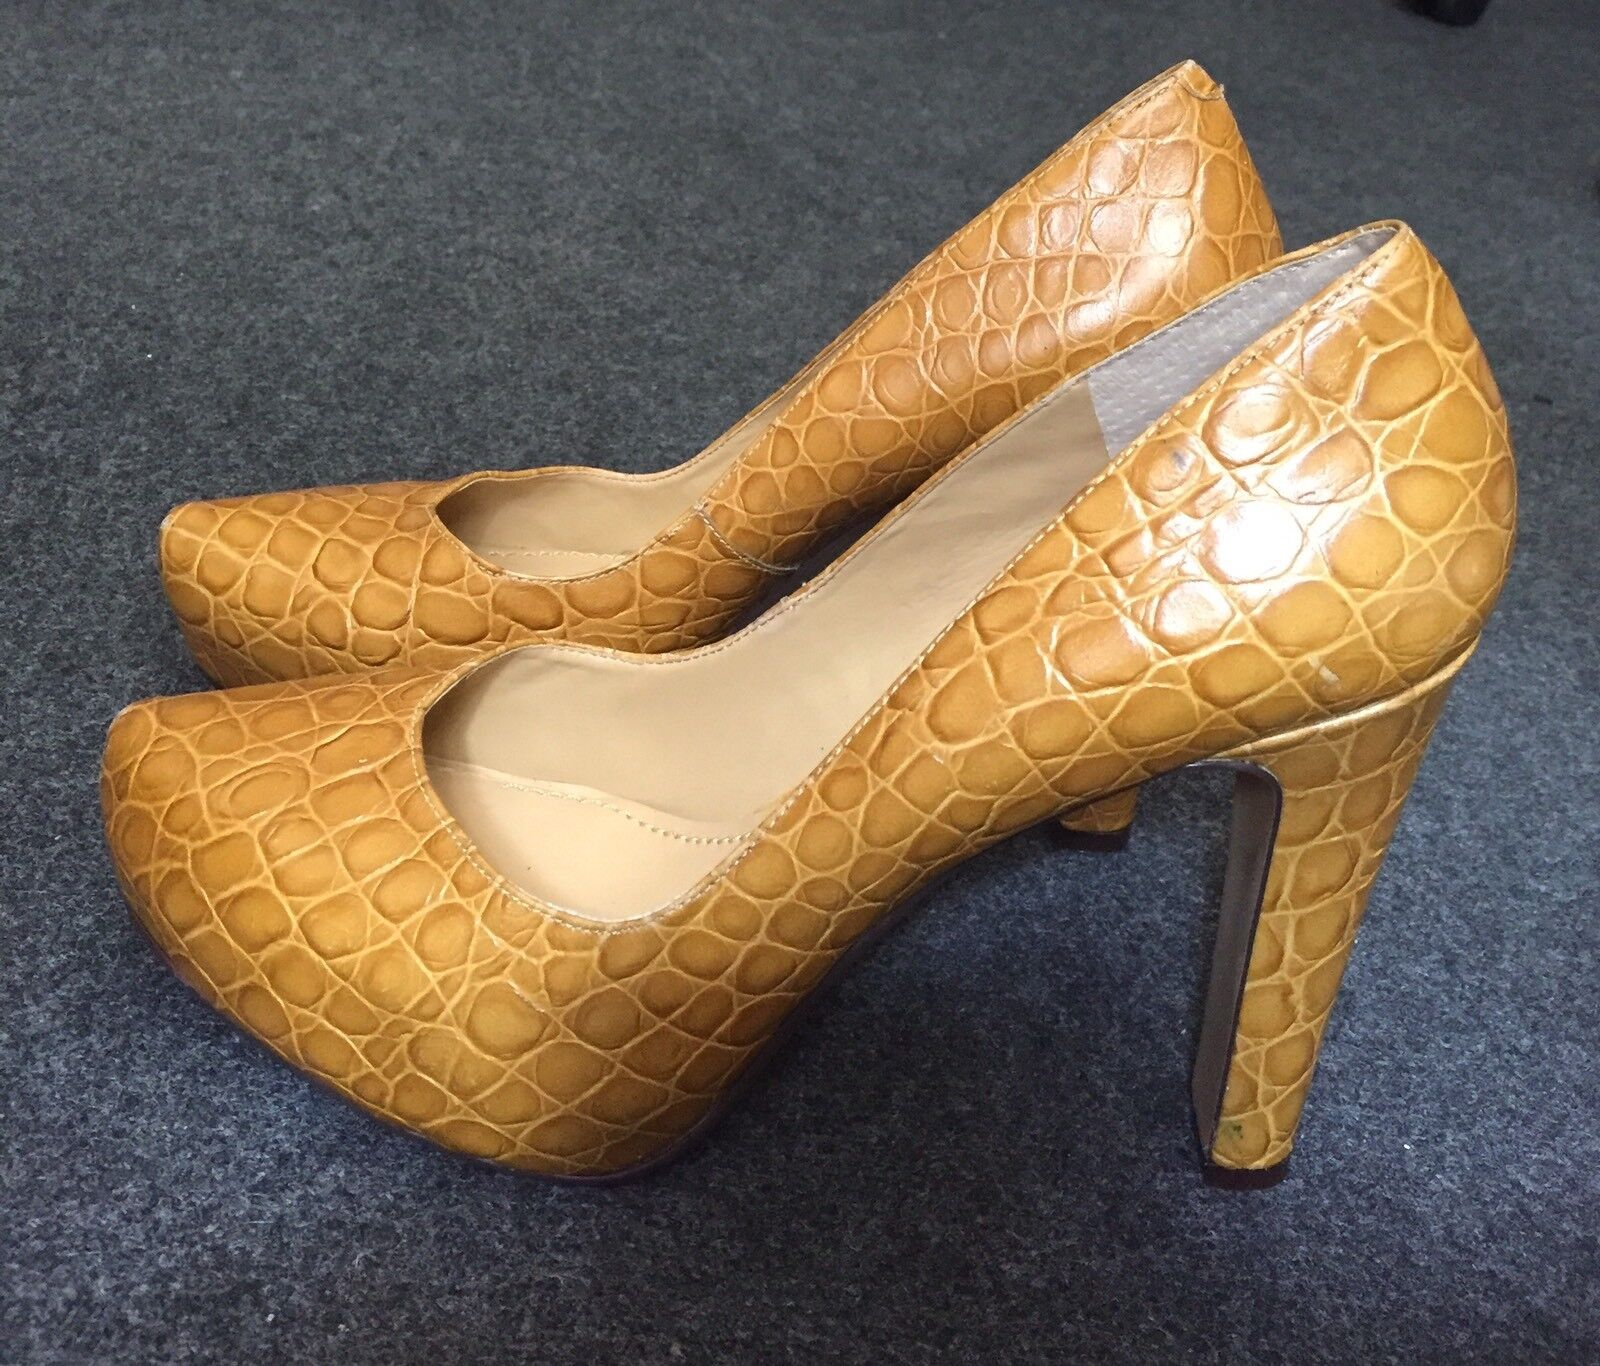 Escarpins NINE WEST T.41 (eu) Cuir giallo TBE   9.5 (us) Leather Pump pointy toe